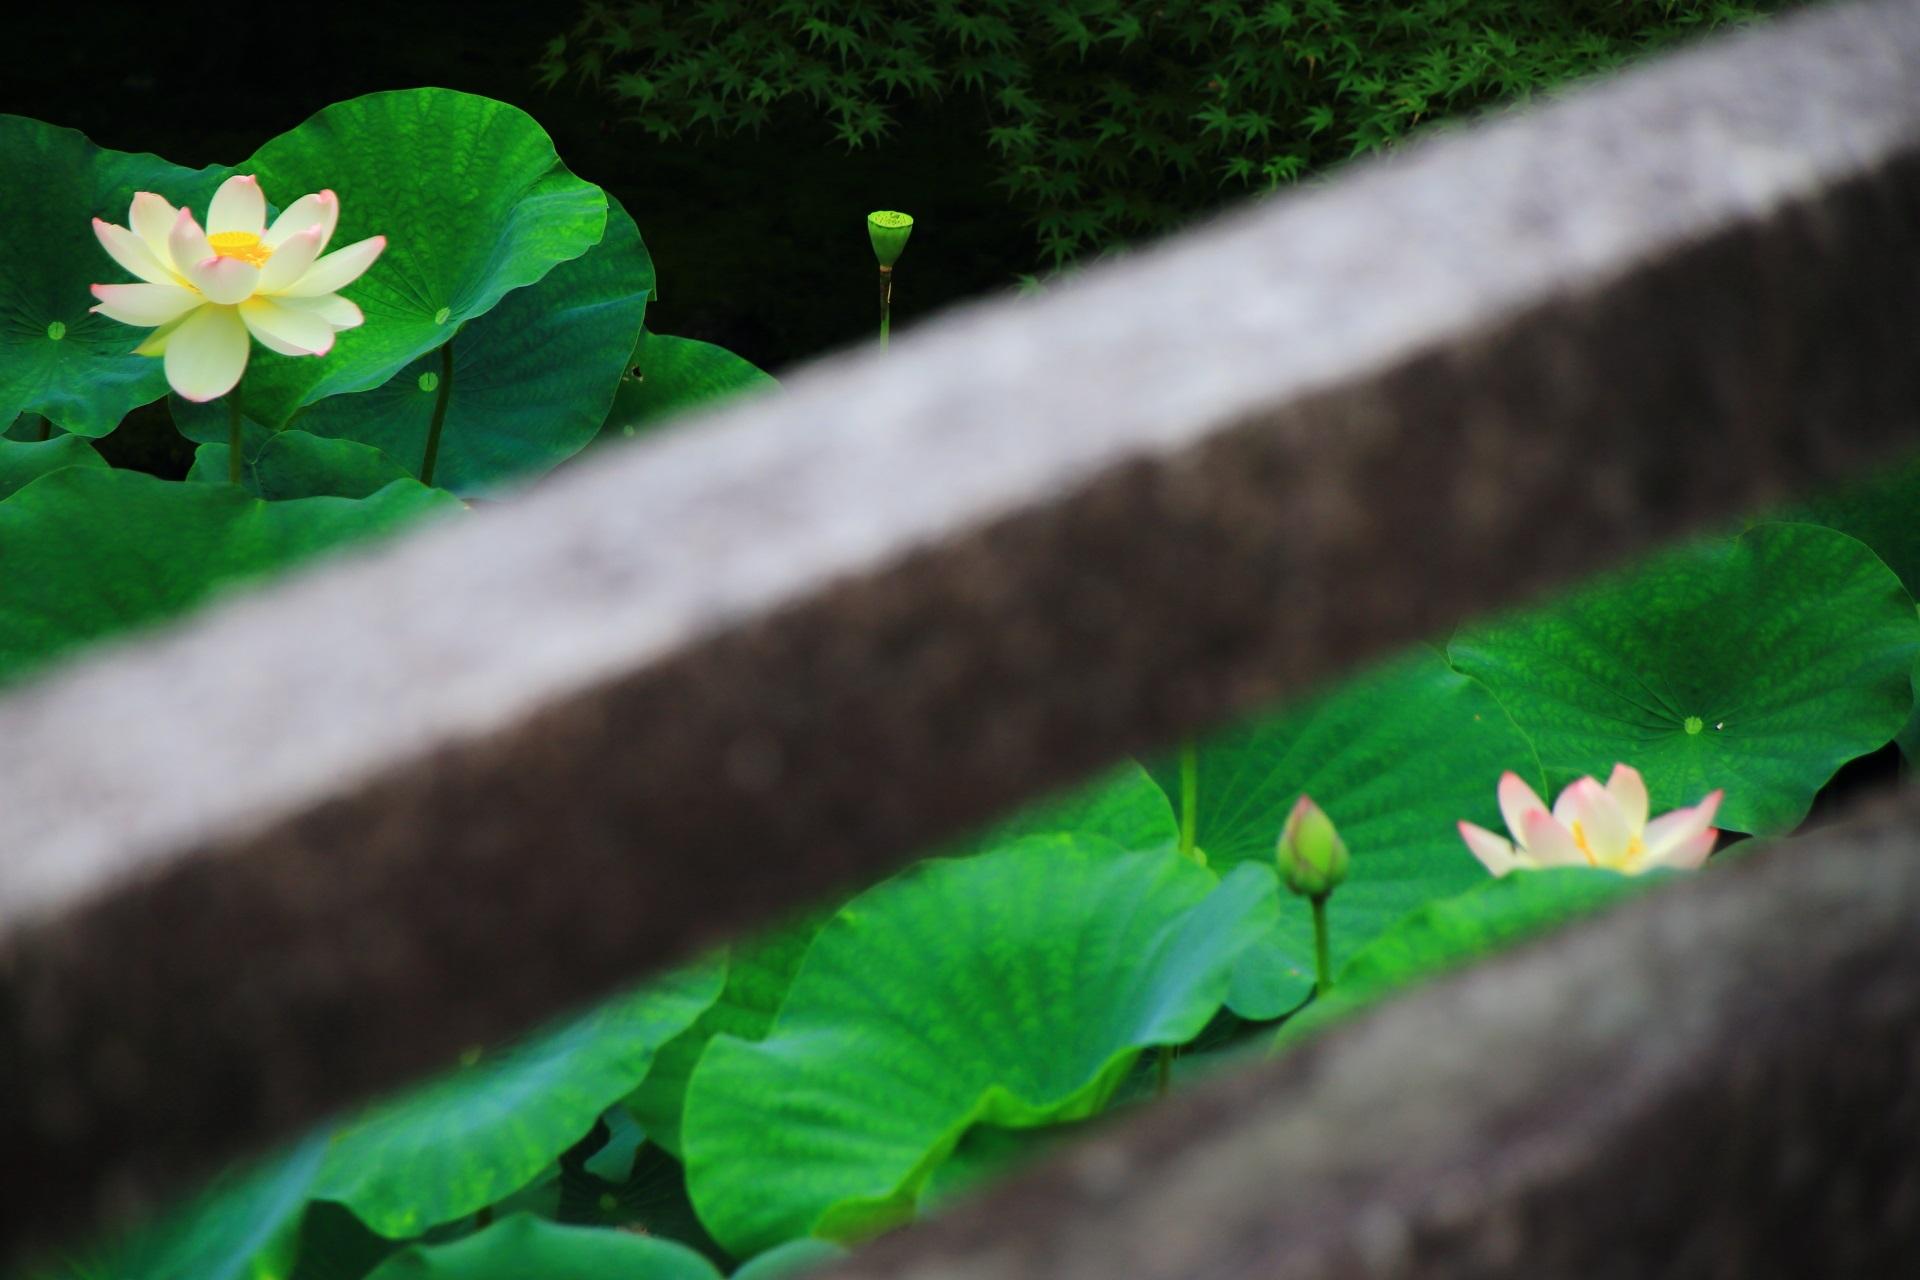 石橋の欄干から眺めた蓮の花